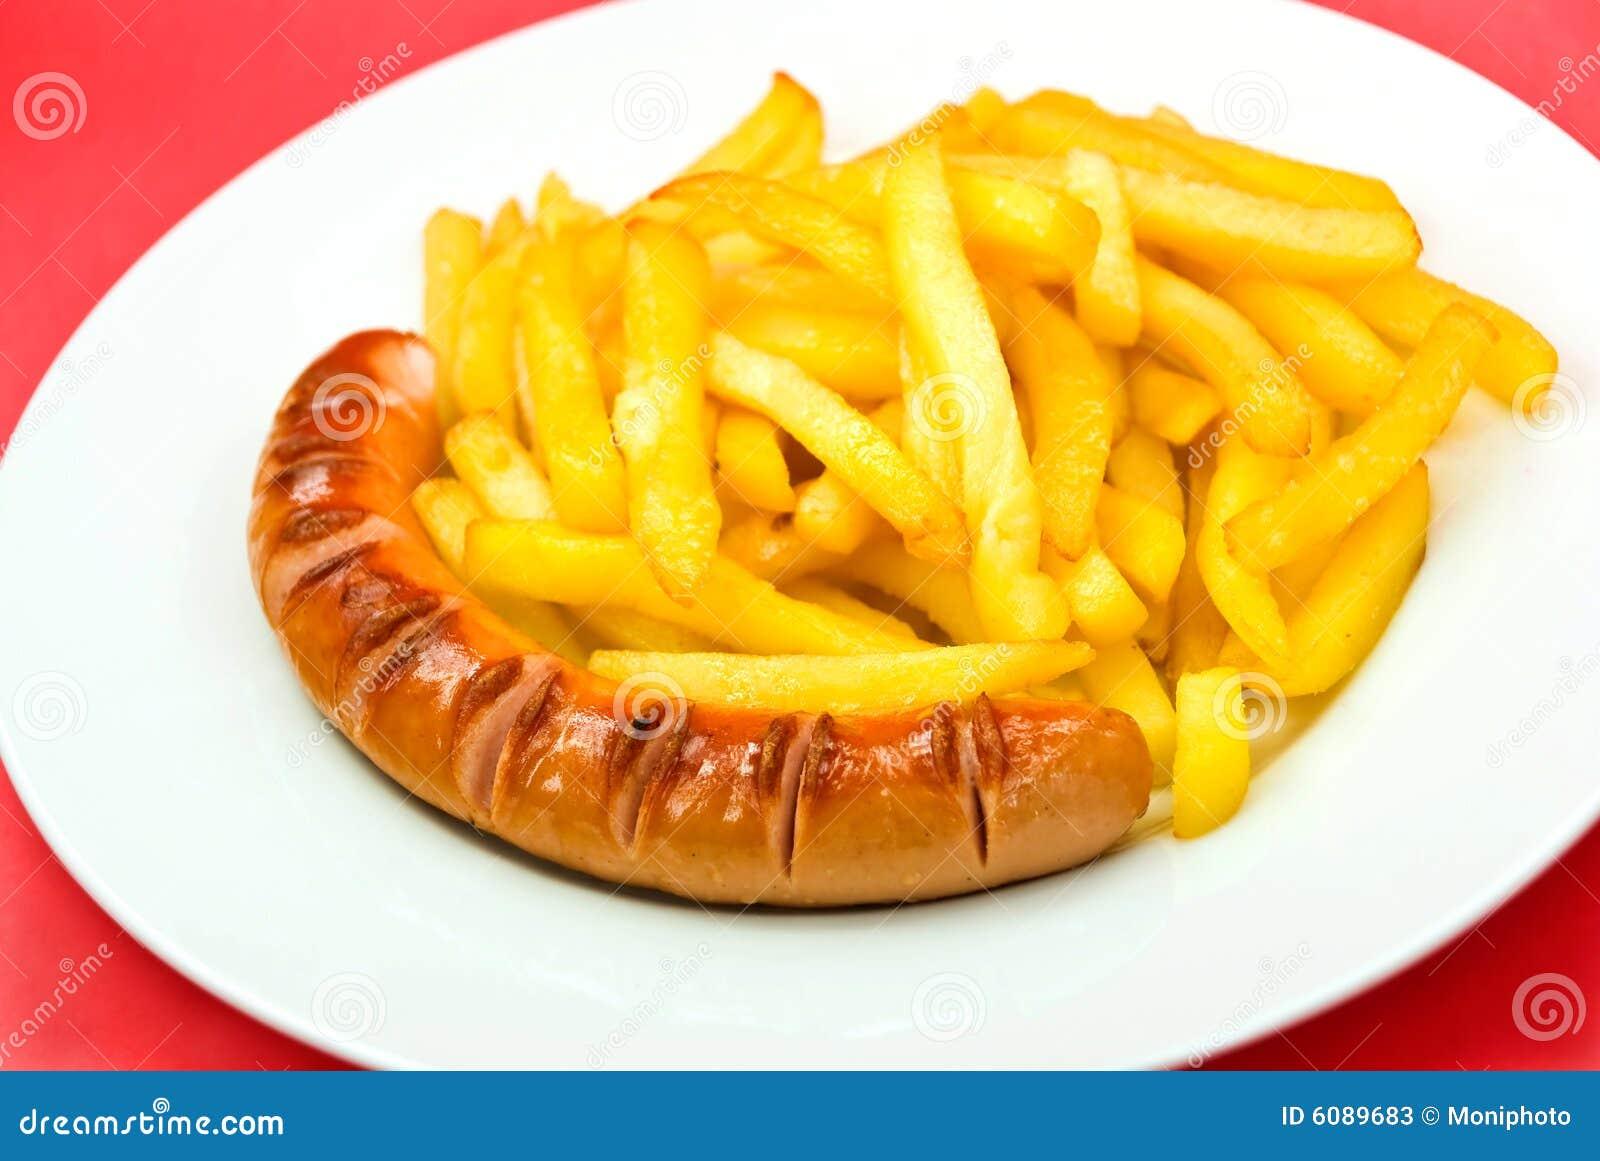 """Résultat de recherche d'images pour """"saucisse avec des frites"""""""